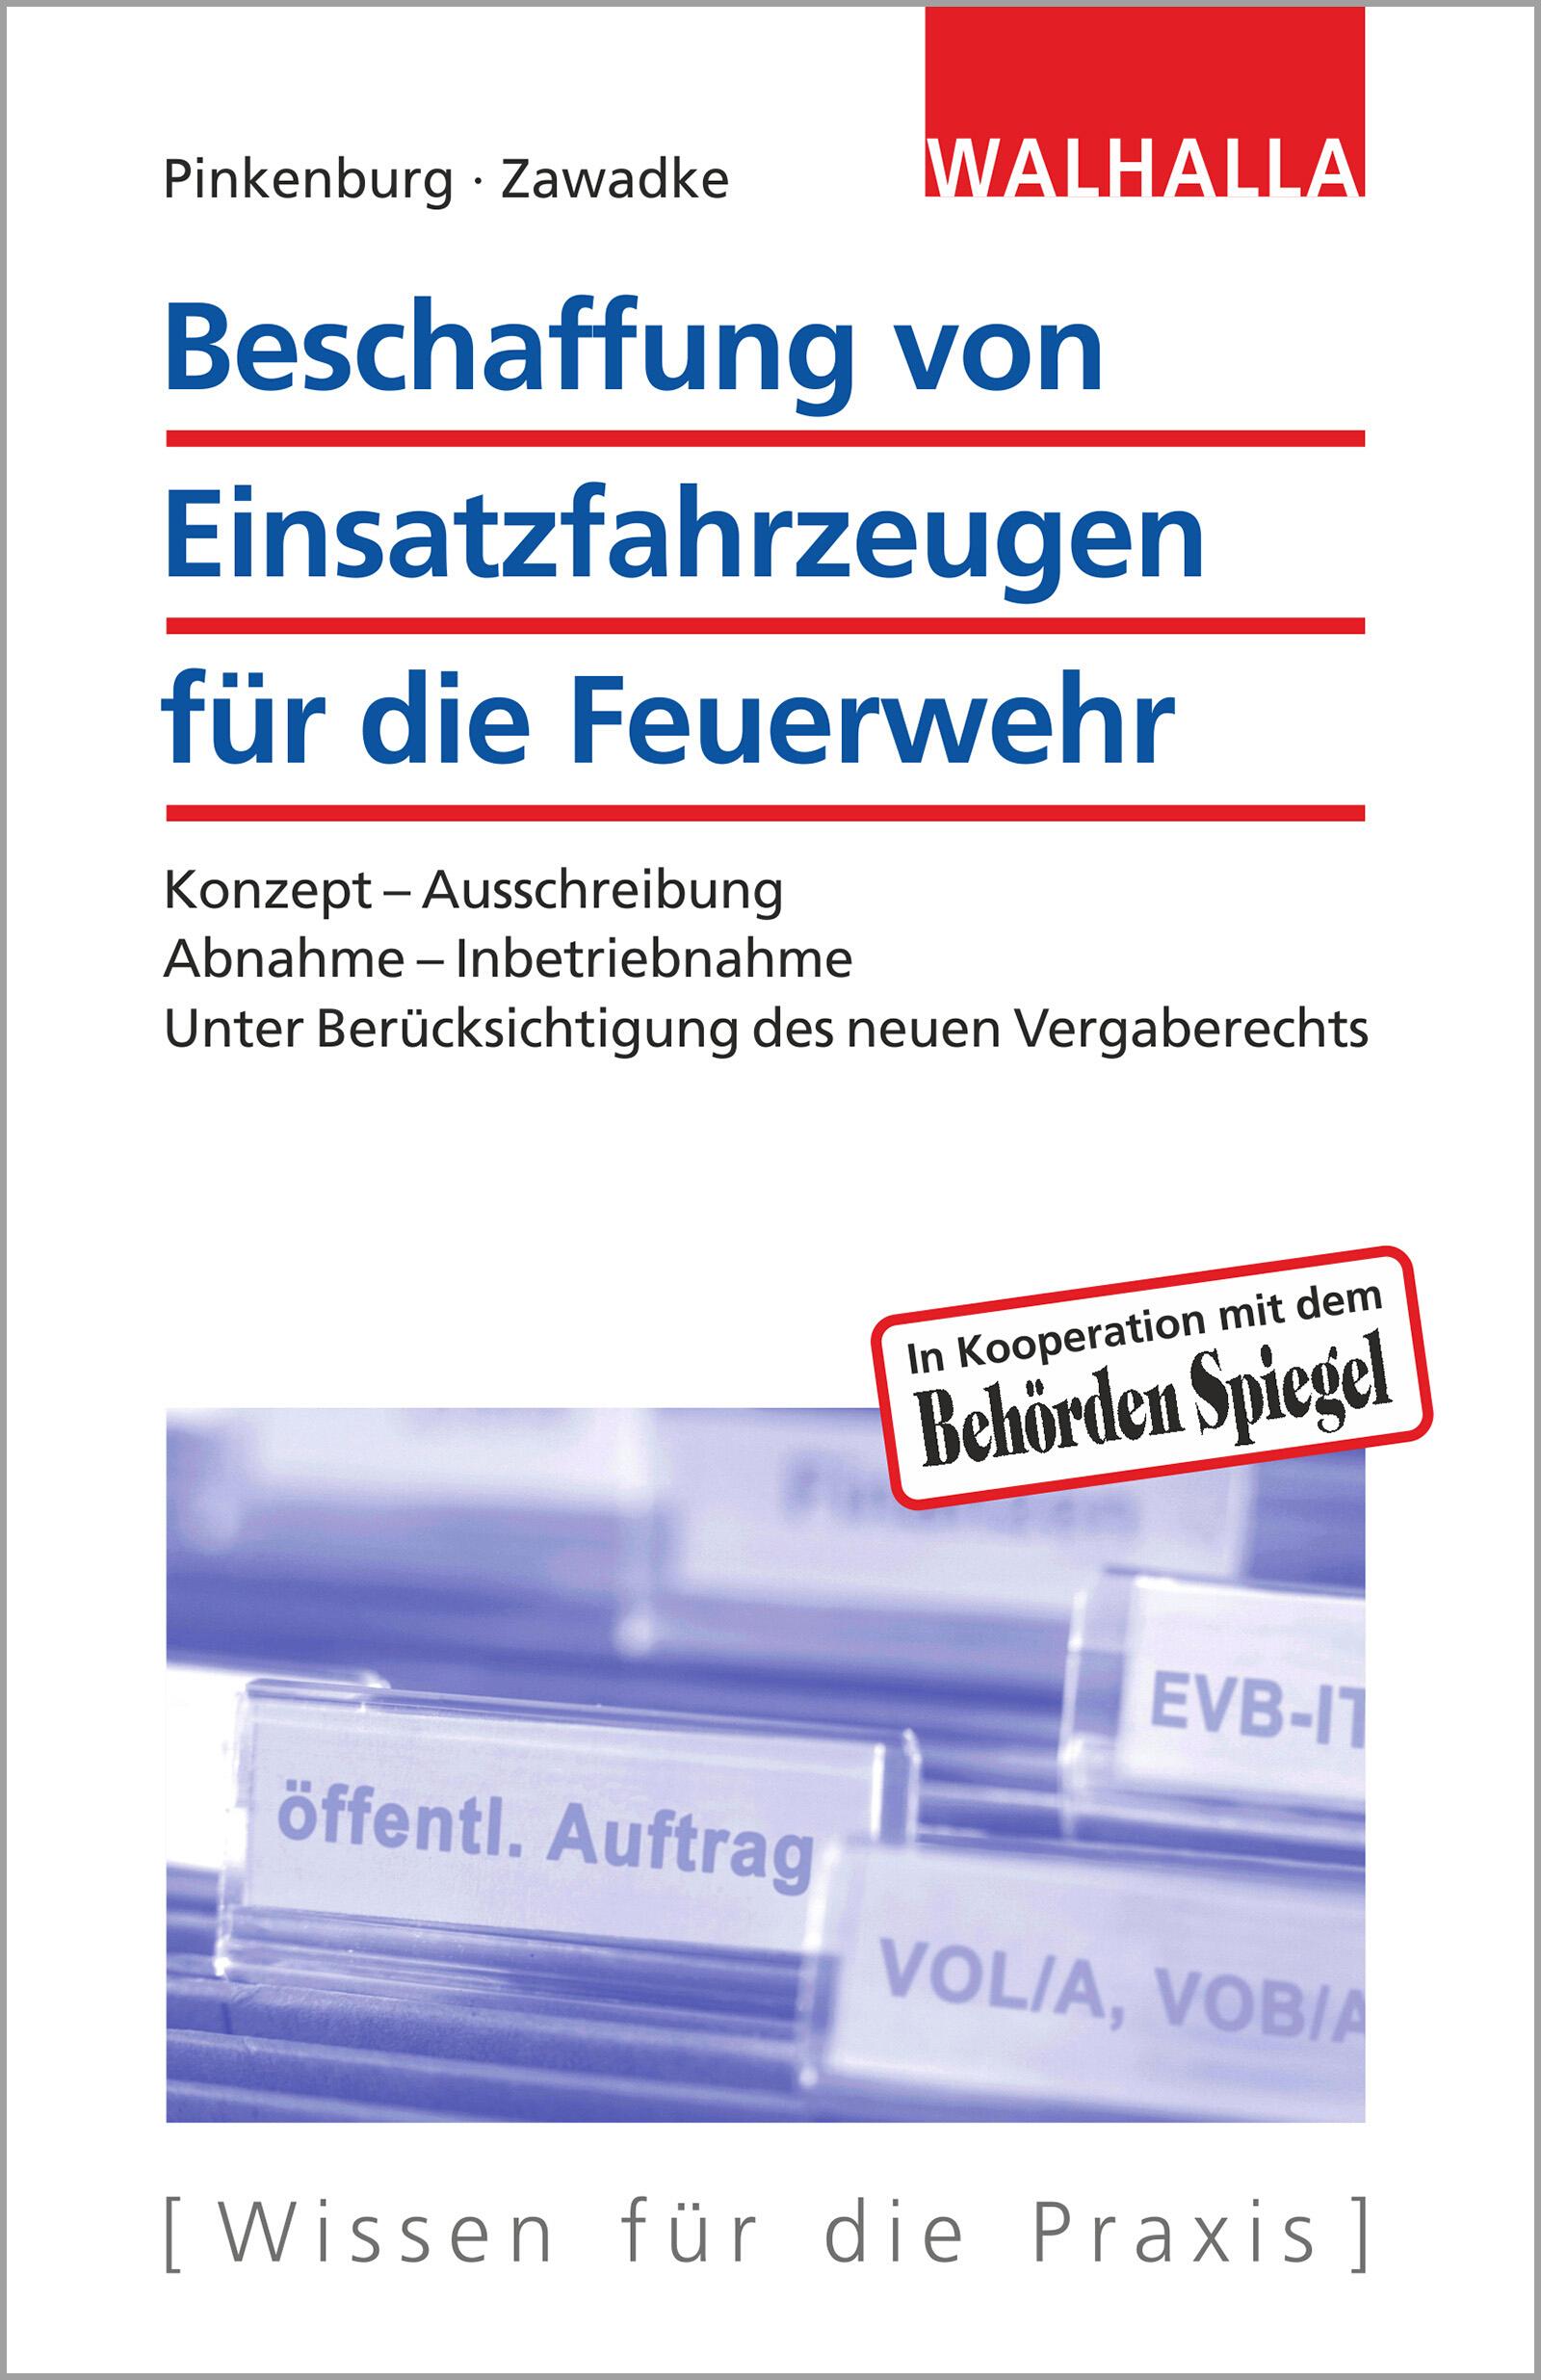 Beschaffung-von-Einsatzfahrzeugen-fuer-die-Feuerwehr-Guenther-Pinkenburg